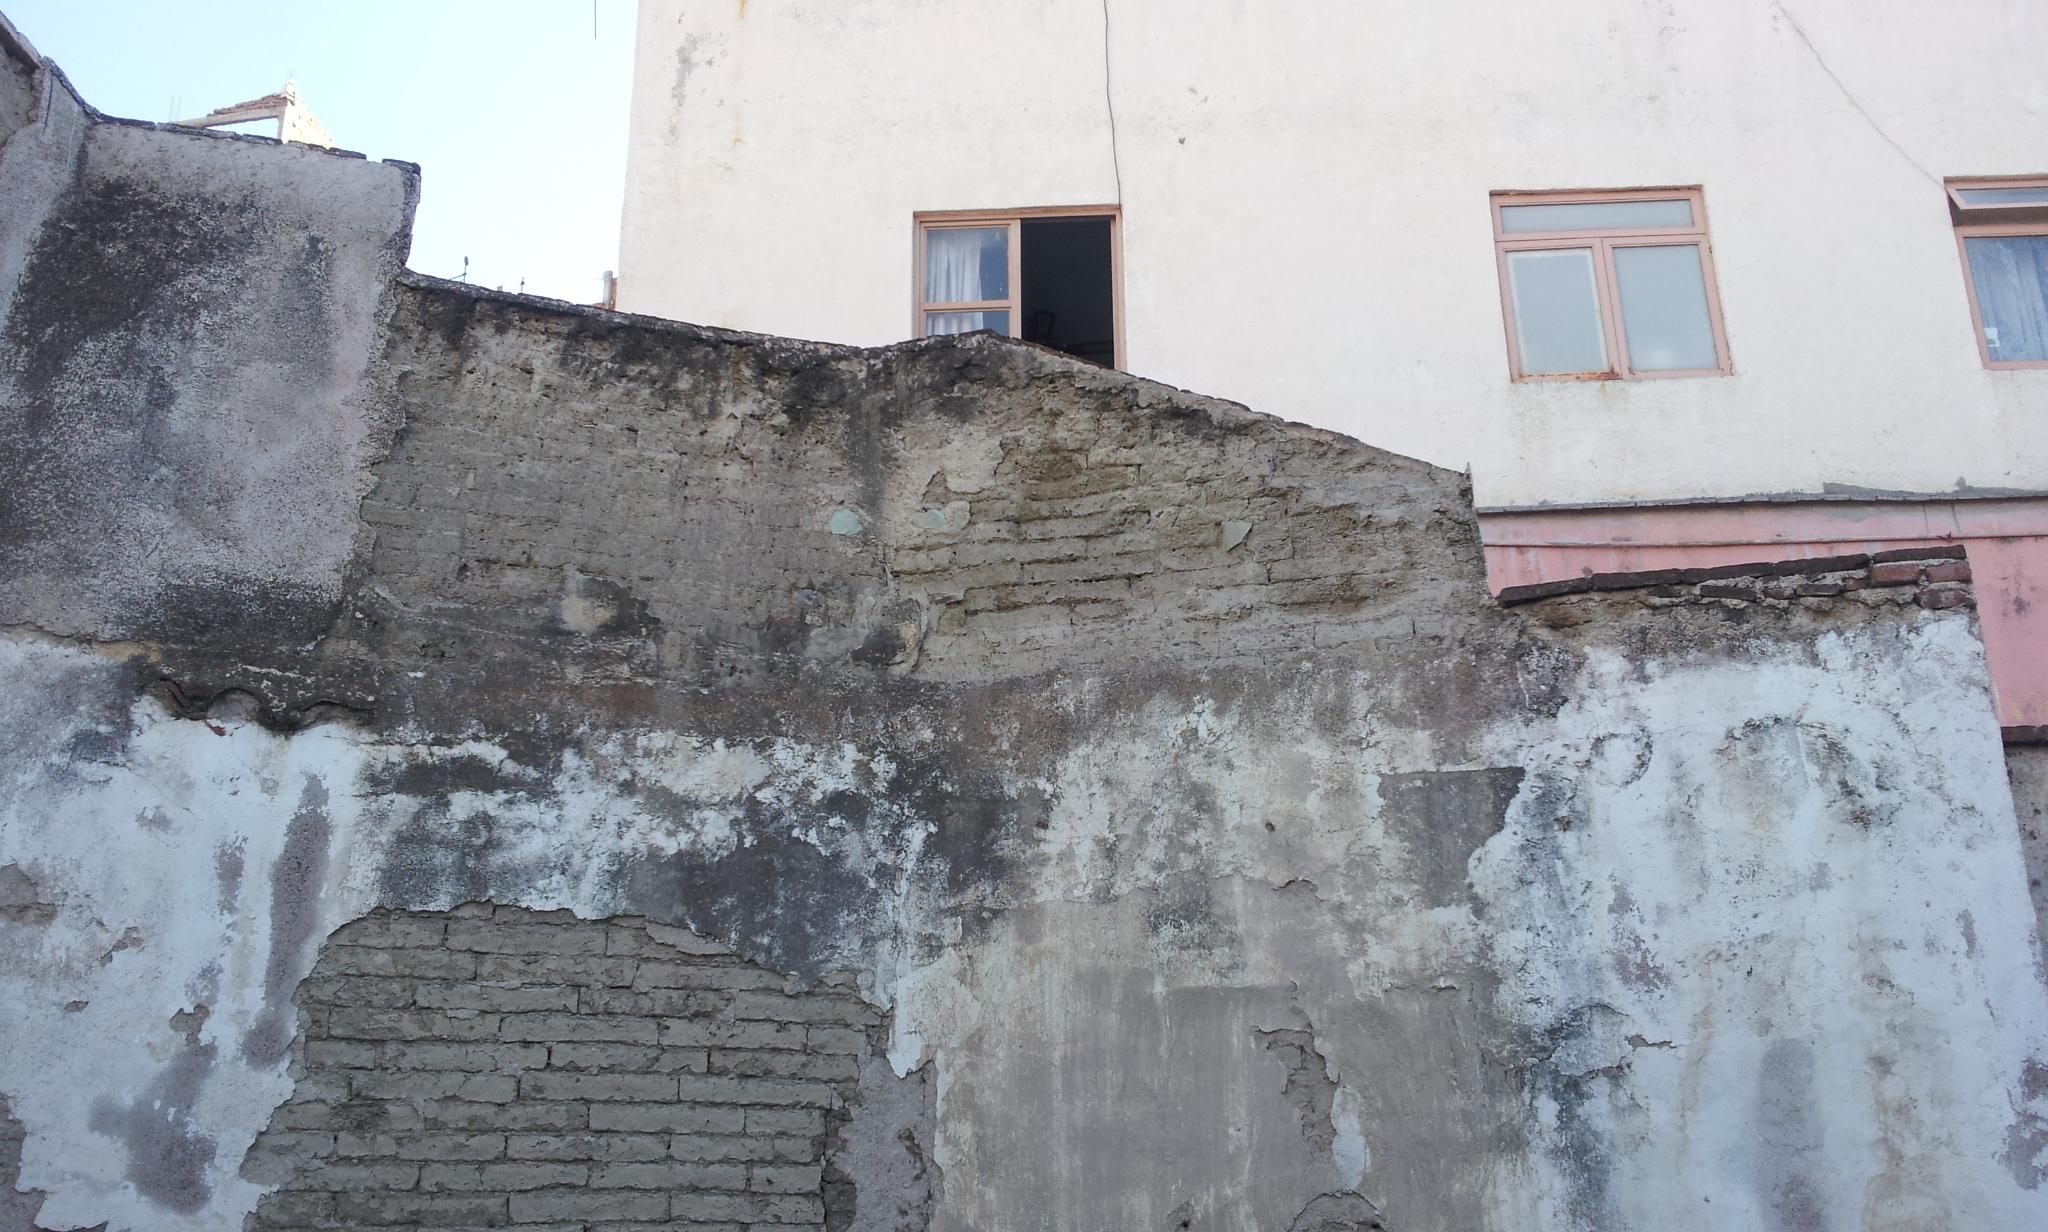 El muro posterior estaba en  total abandono cuando se adquirió el inmueble catalogado en Positos 81 en marzo del 2012 con fines de  establecer la asociación civil Foro Cultural 81. Esta foto es antes de implementar el protocolo de restauración aprobado por INAH.